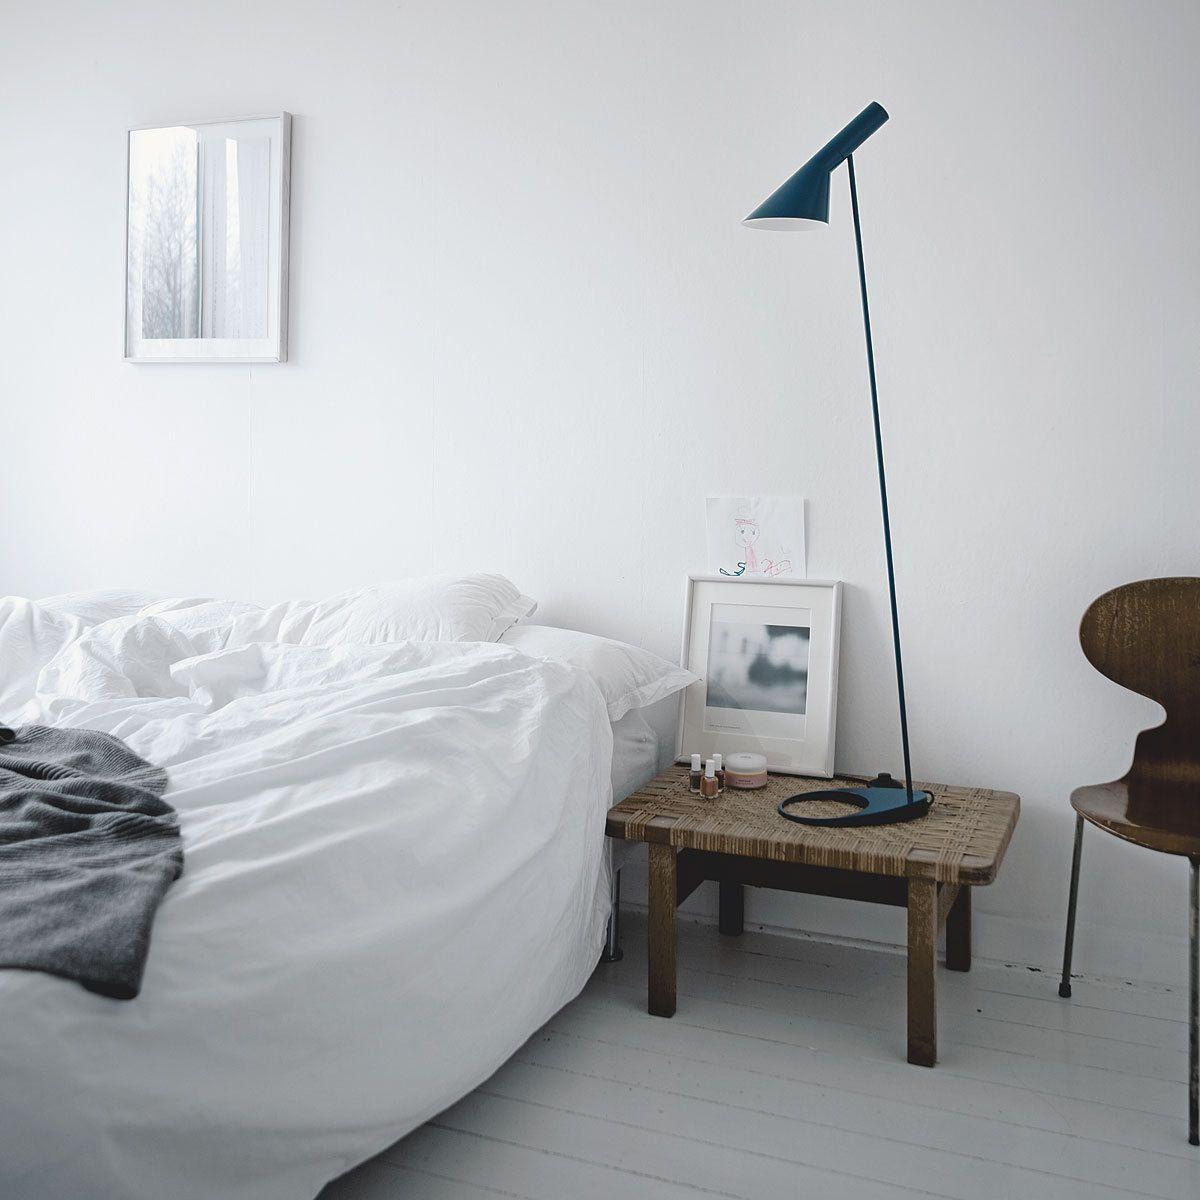 Schlafzimmer Ideen Minimalistisch